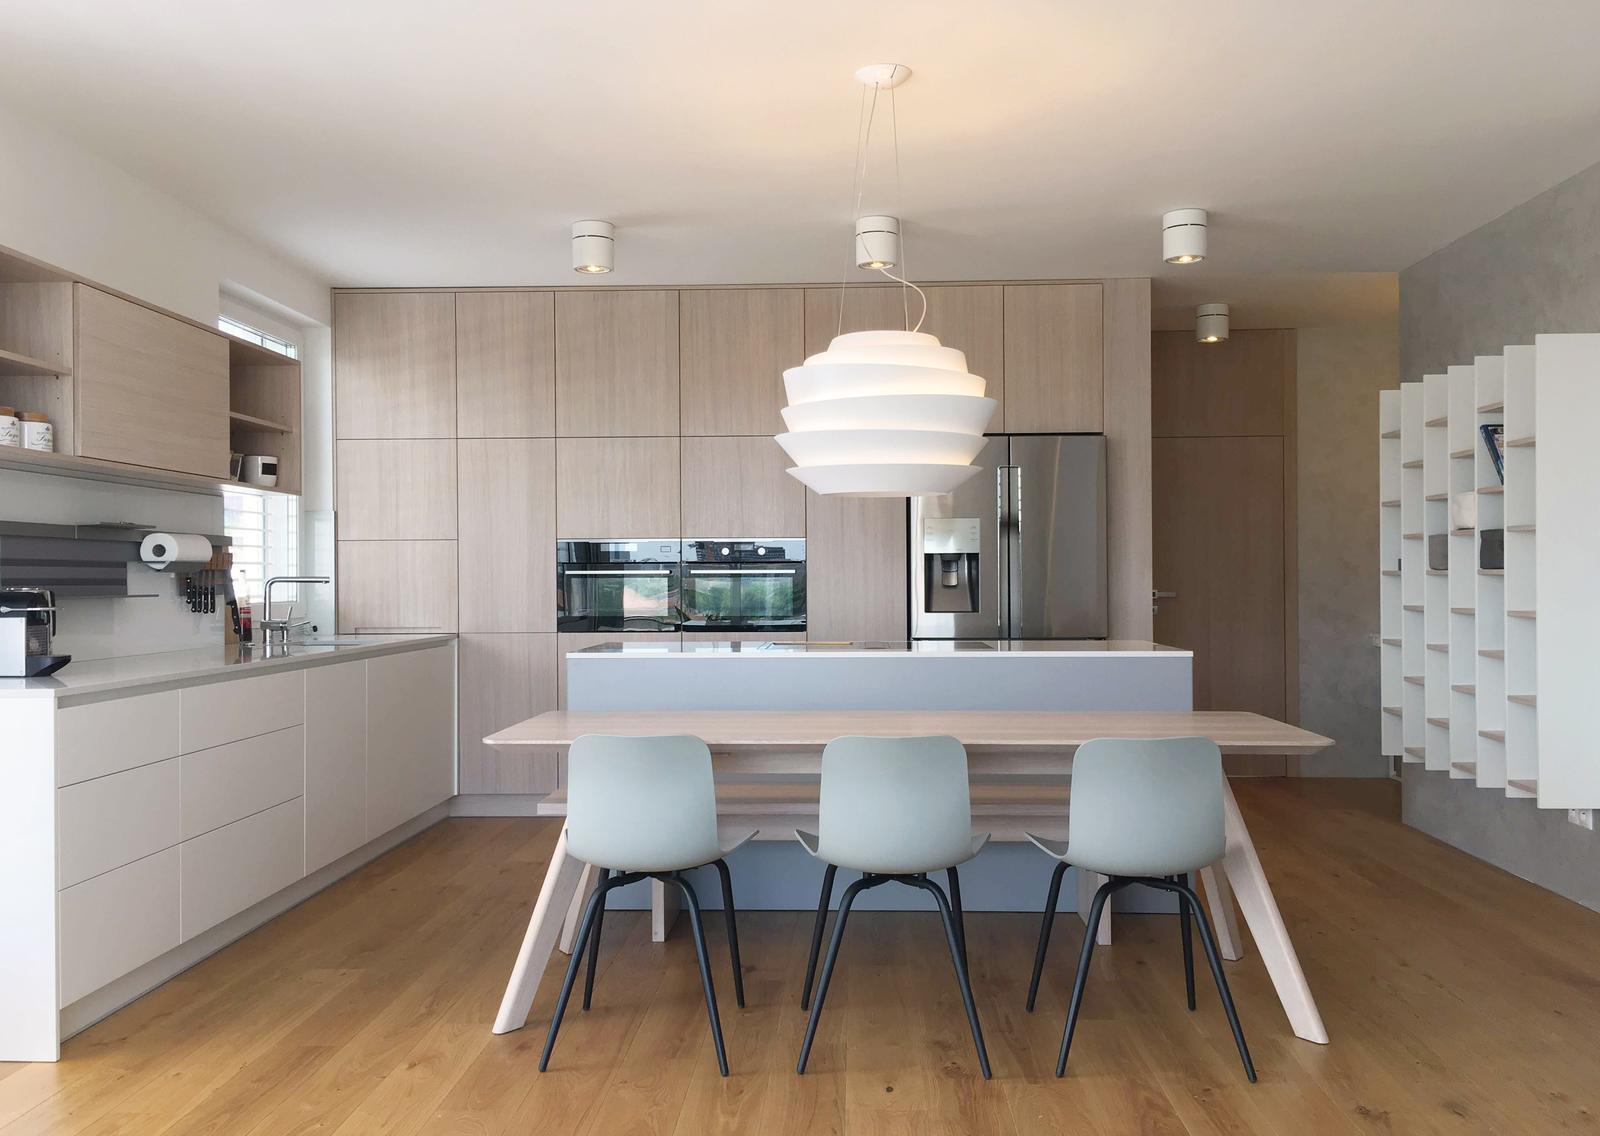 Realizácia interiéru podľa návrhu - Realizácia interiéru kuchyne s jedálňou